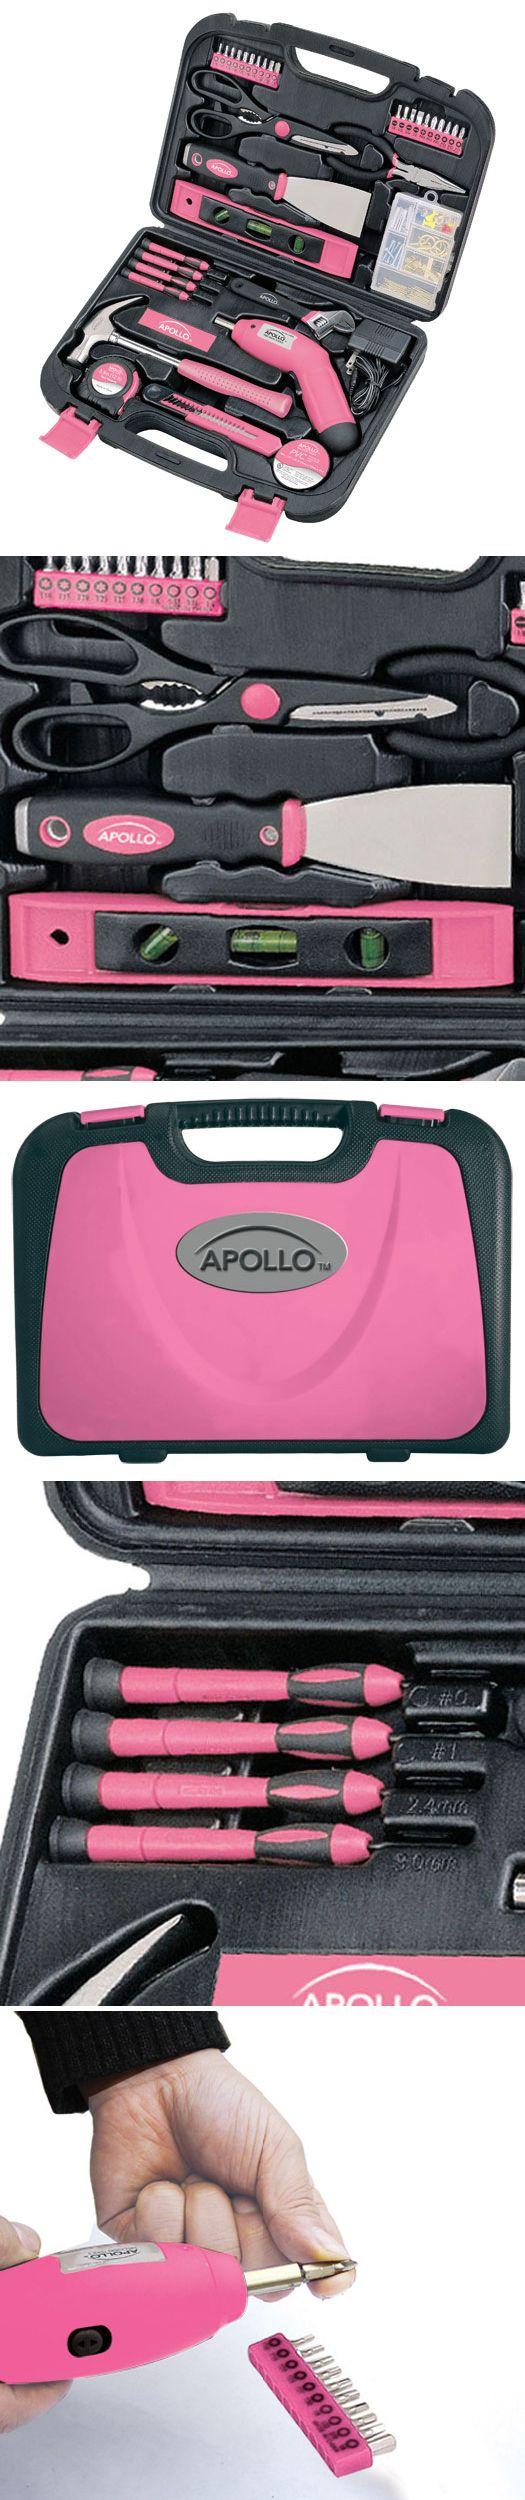 Pink Household Tool Kit Set